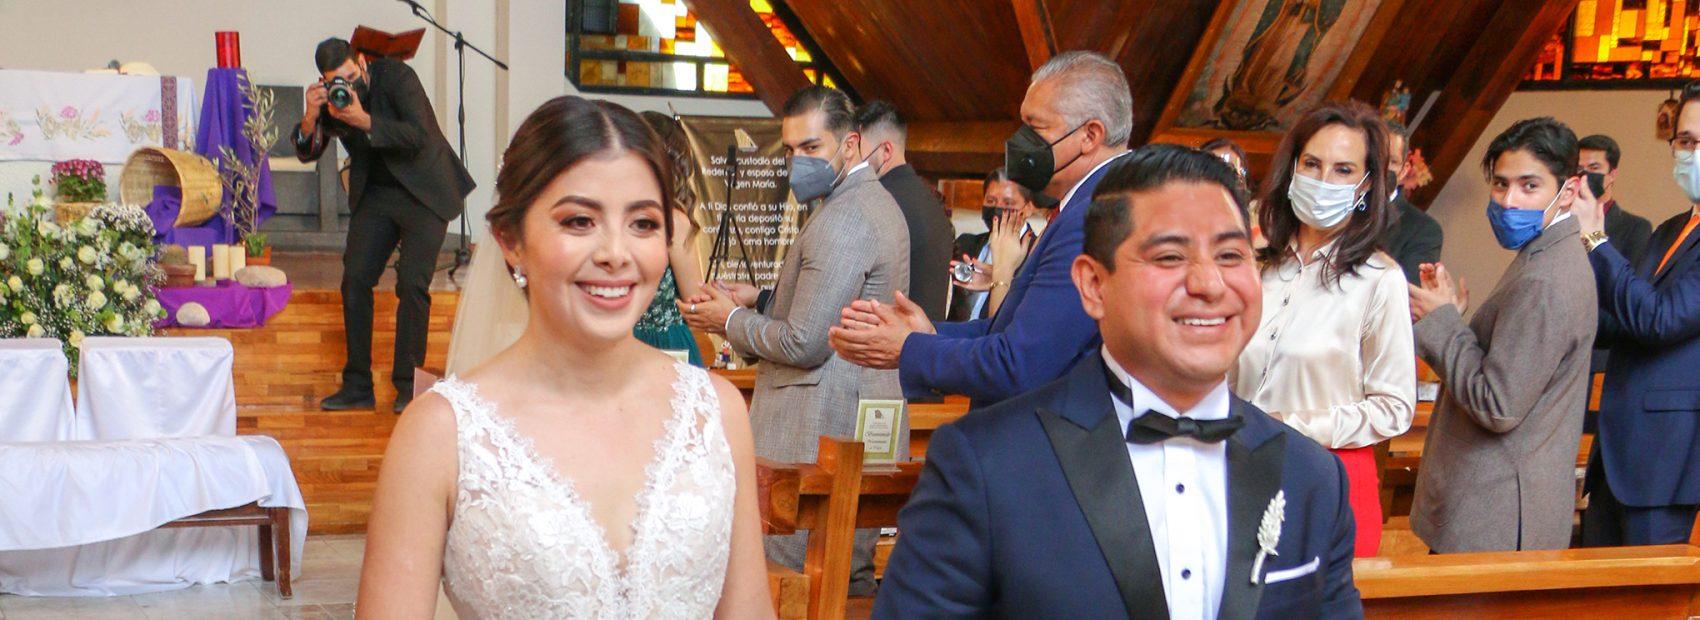 El amor unió a Mayra y Daniel